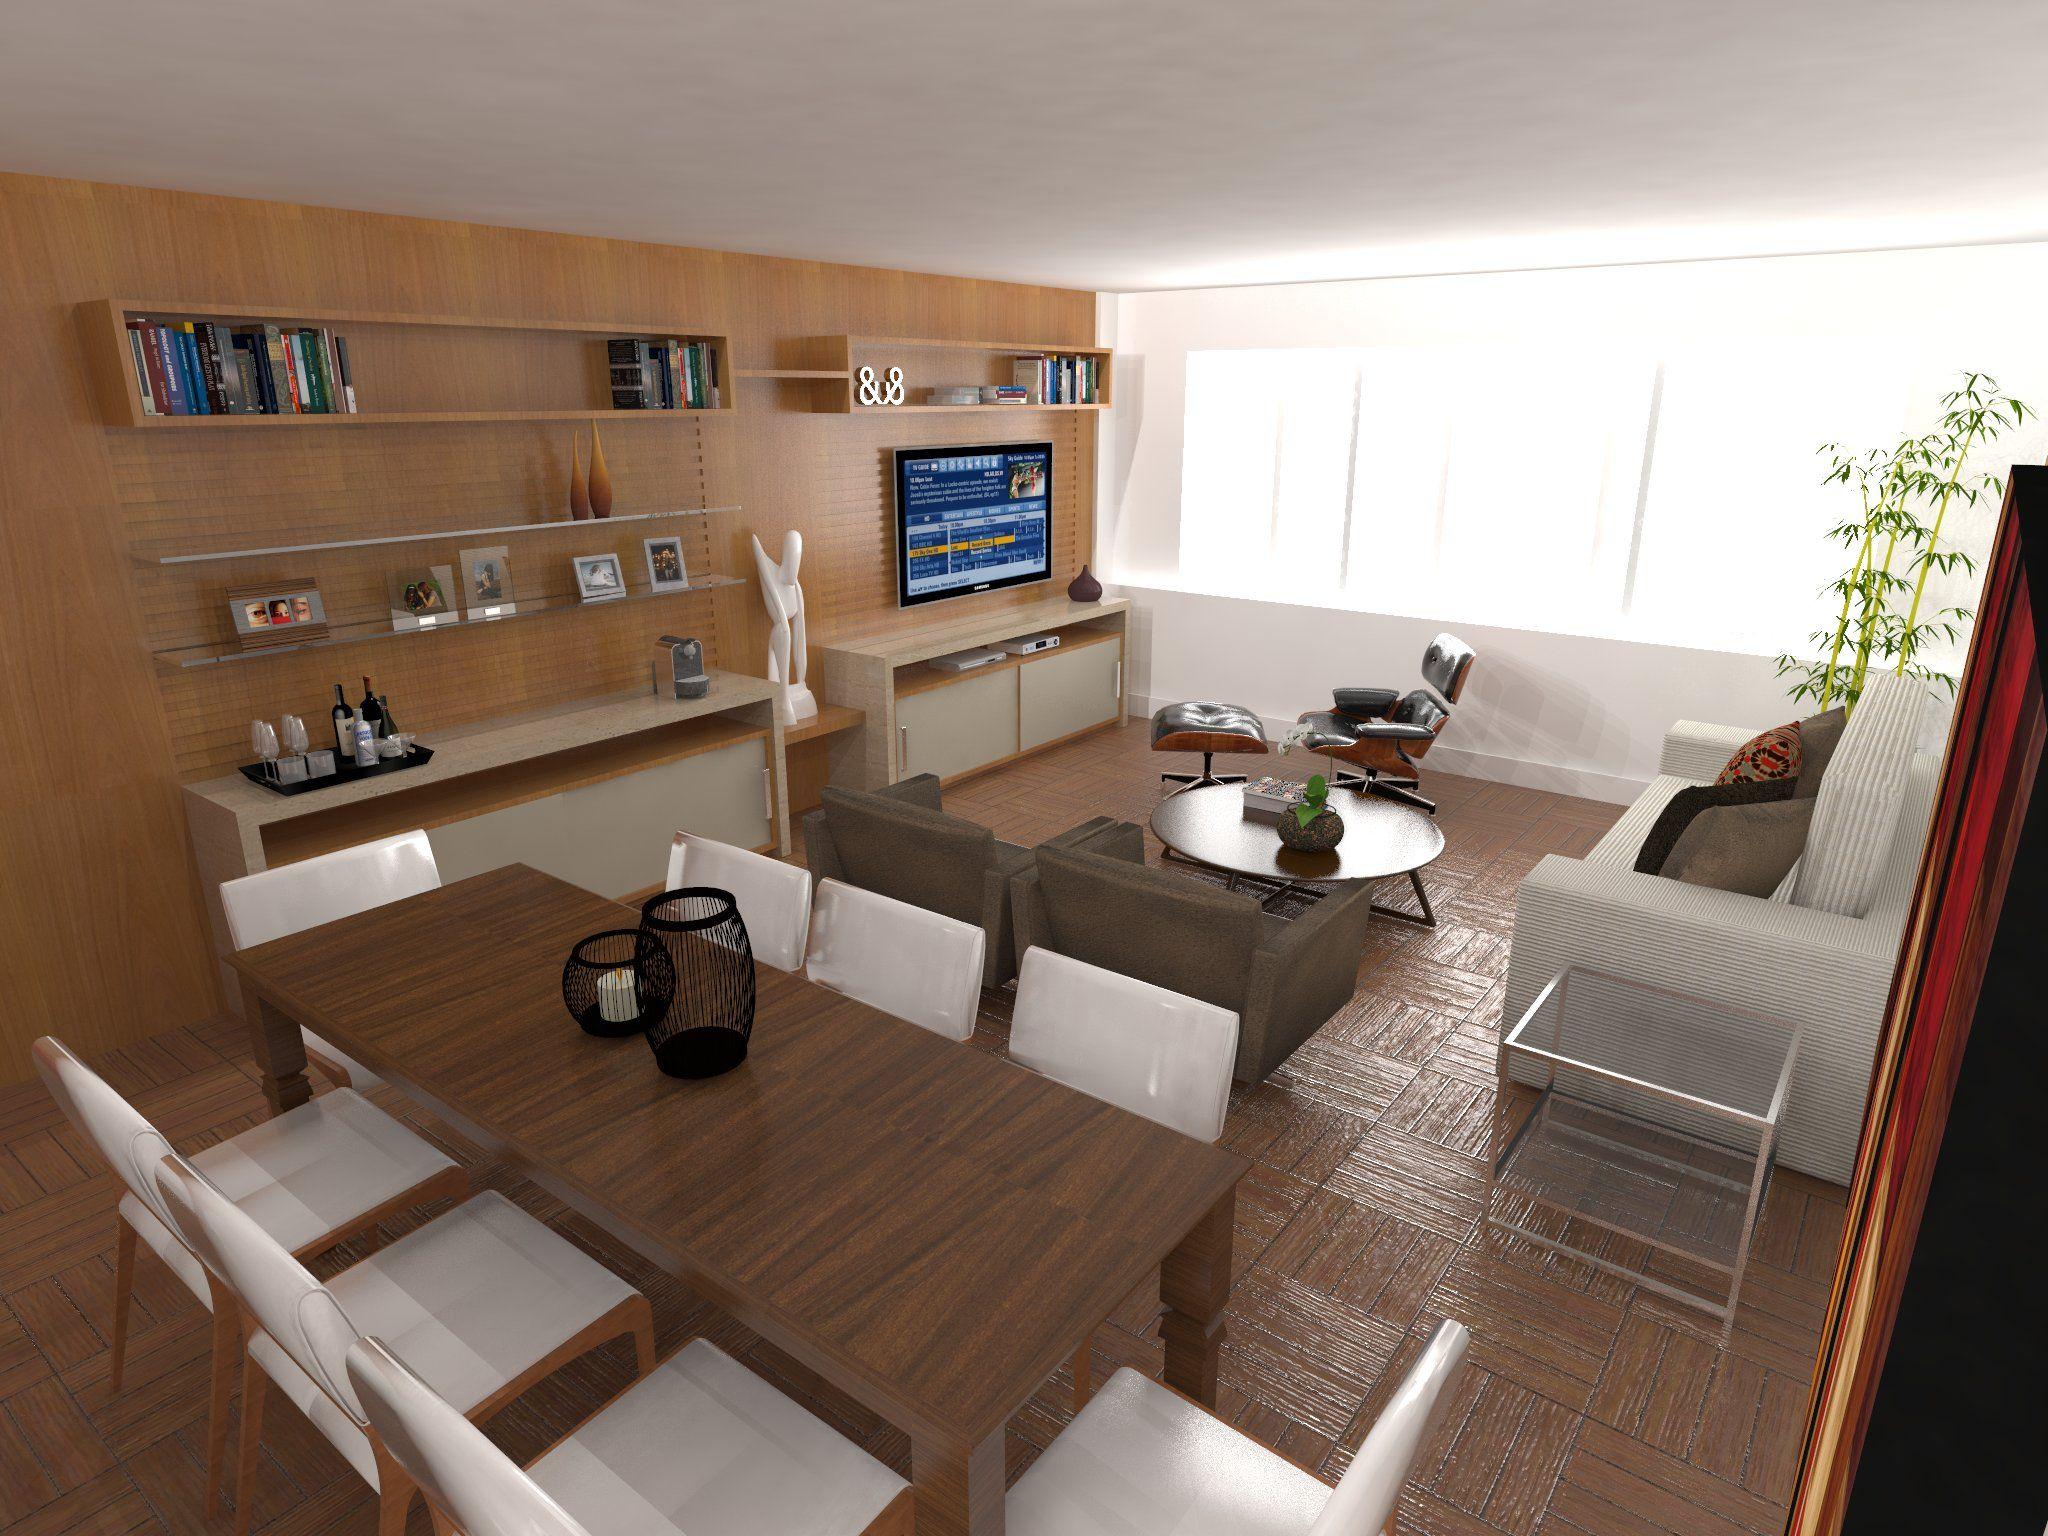 Sala de TV e Jantar. Projeto: Escritório de Arquitetura Servino e Assed Renderização: Estúdioi - Desenhos em 3D e Renderização de Imagens para Arquitetura